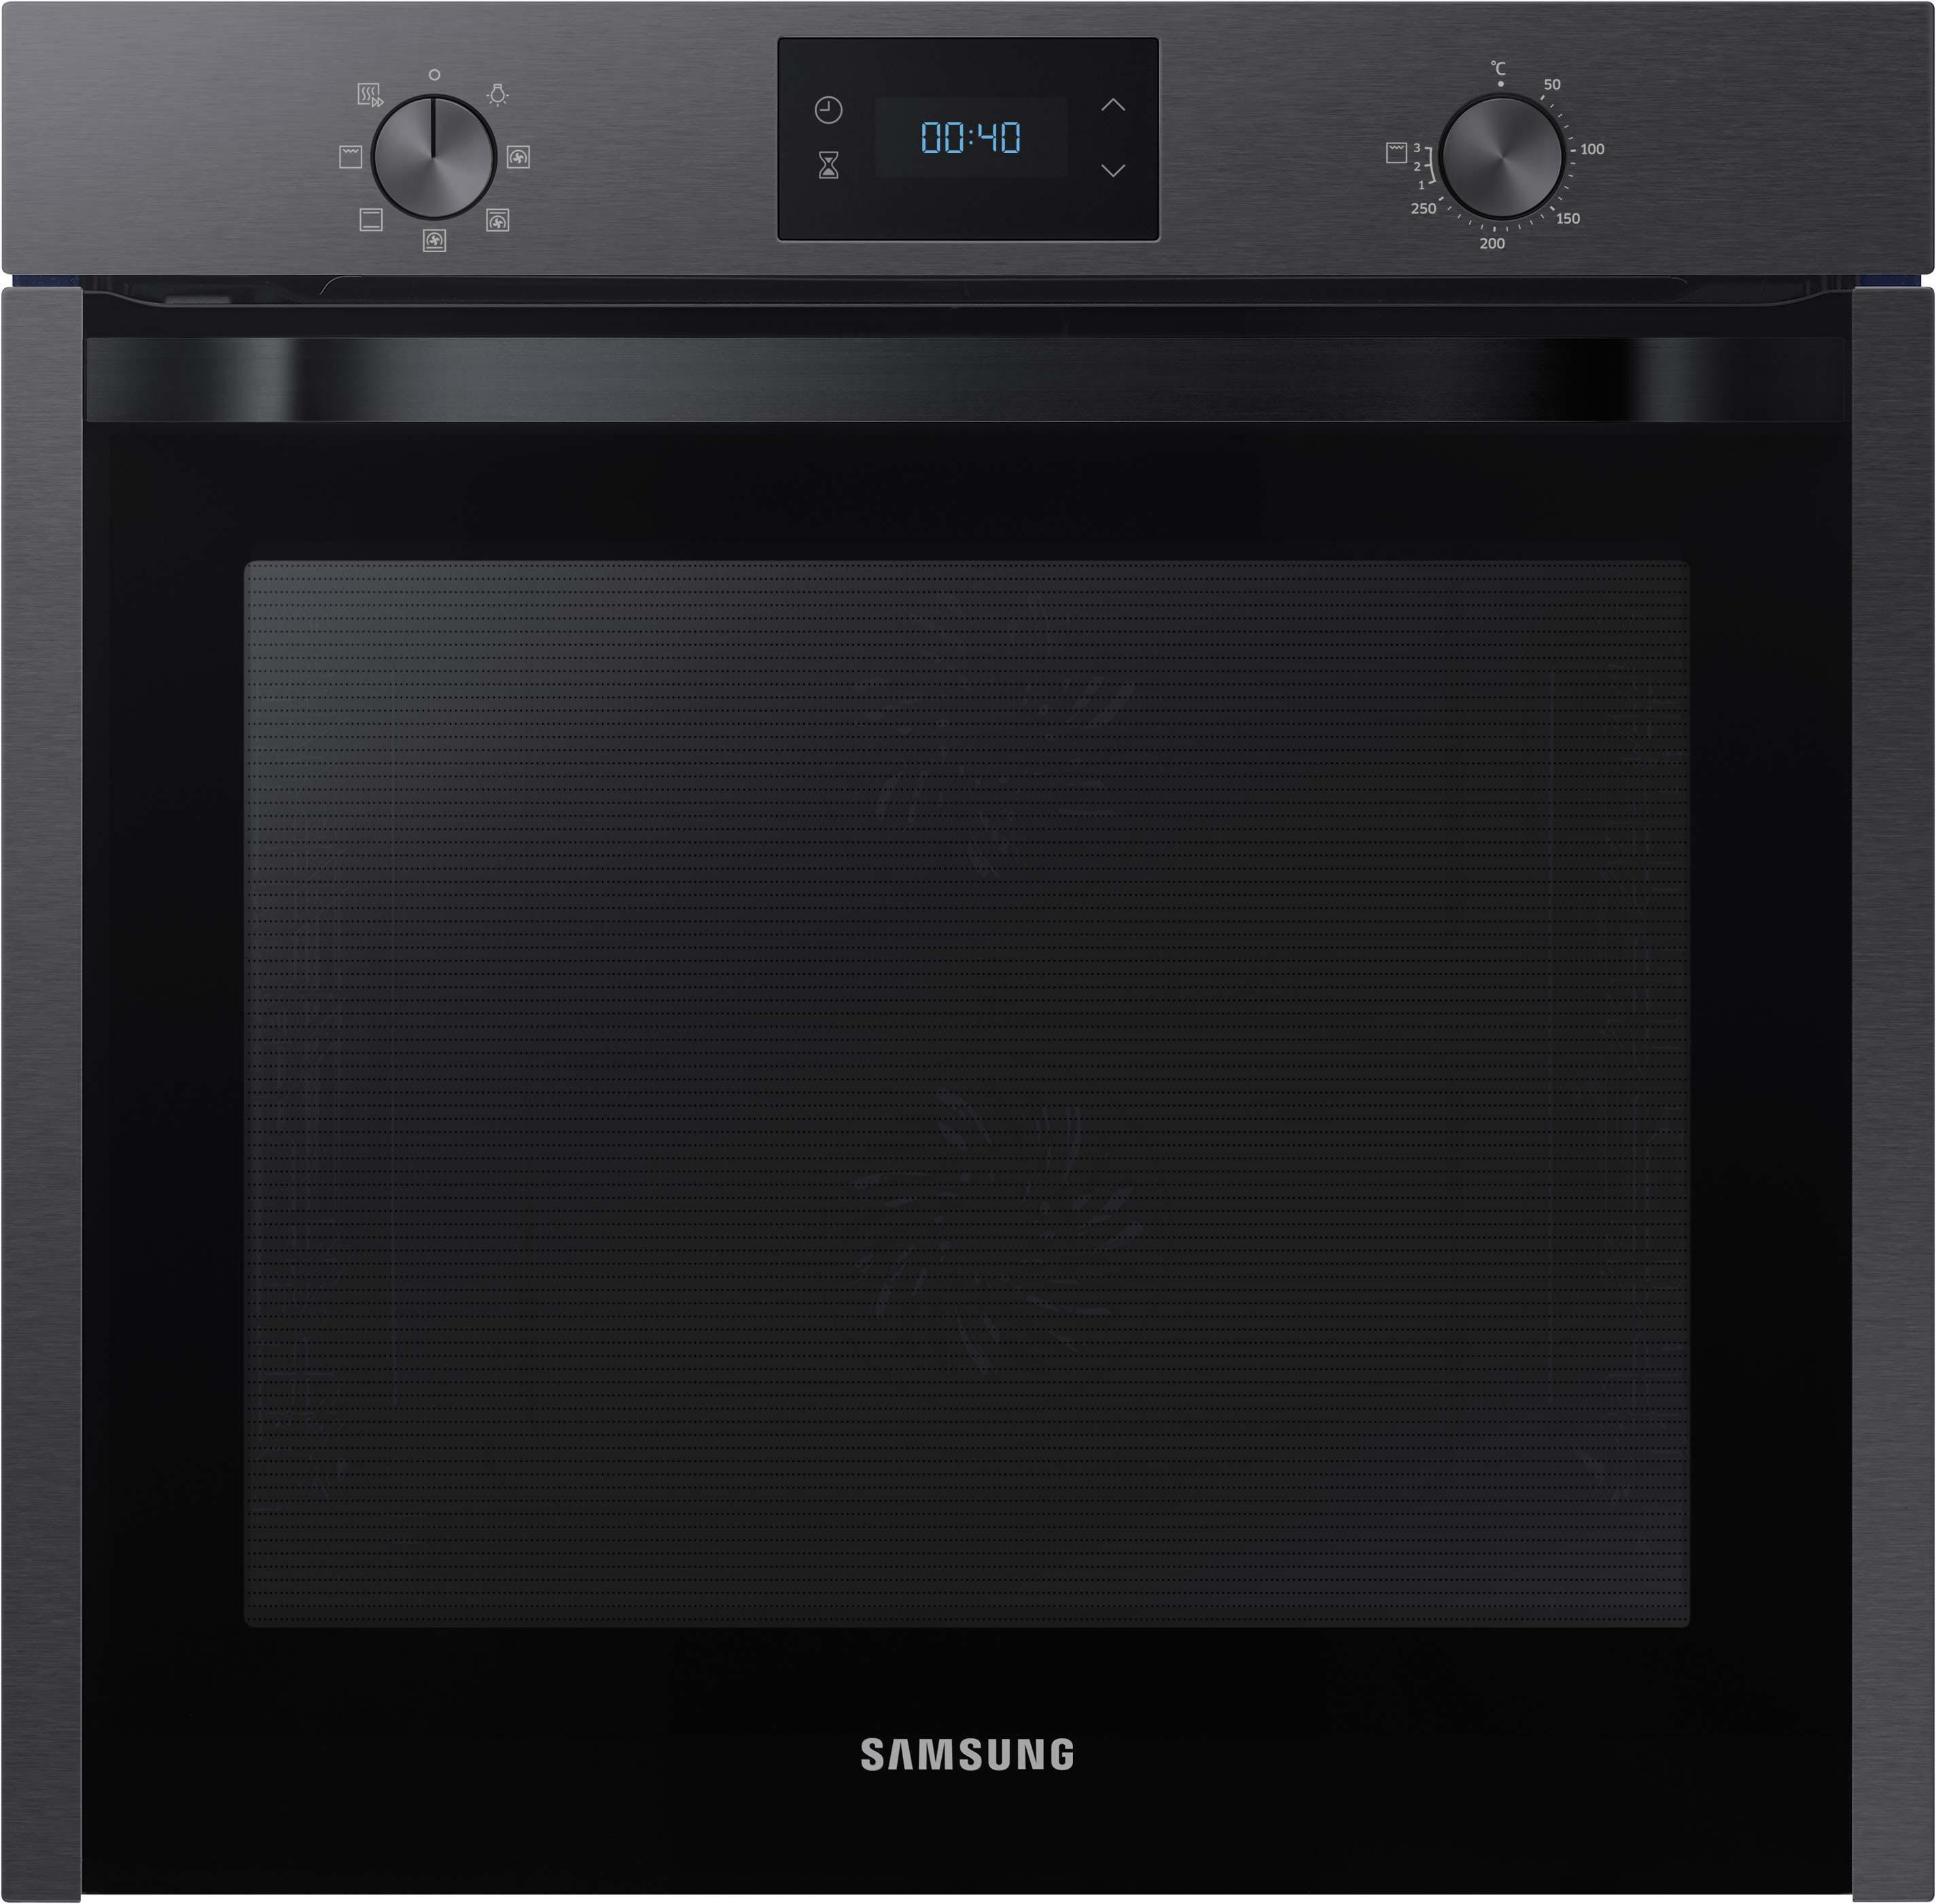 Samsung Backofen ´´NV75M5571BM/EG´´, Dual Cook™ mit Pyrolyse-Selbstreinigung | Küche und Esszimmer > Küchenelektrogeräte > Herde und Backöffenen | Schwarz | Keramik | SAMSUNG